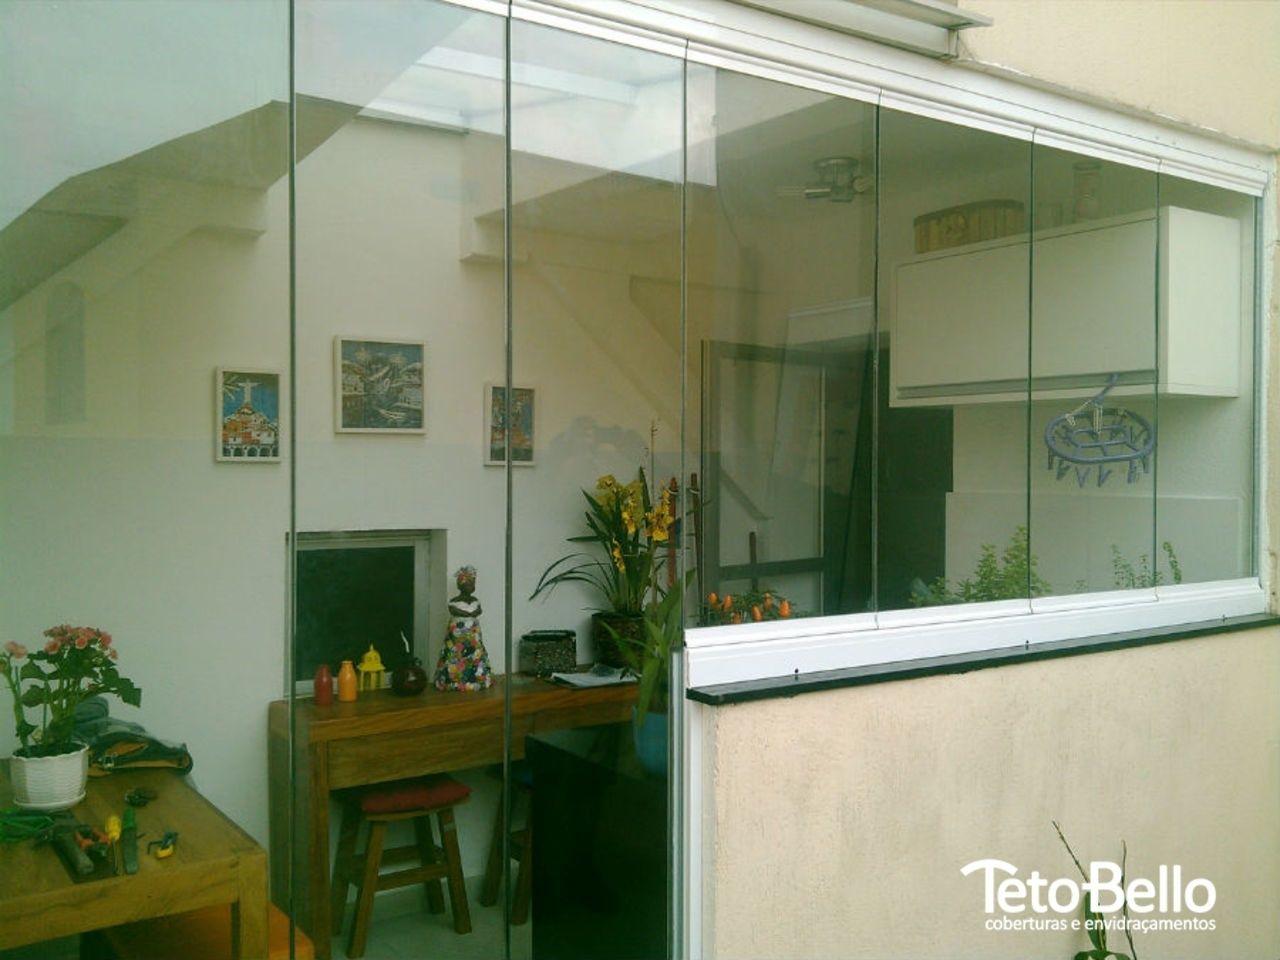 Faça orçamento de projetos de Fechamento varandas em Embu das Artes  #5E4B0C 1280x960